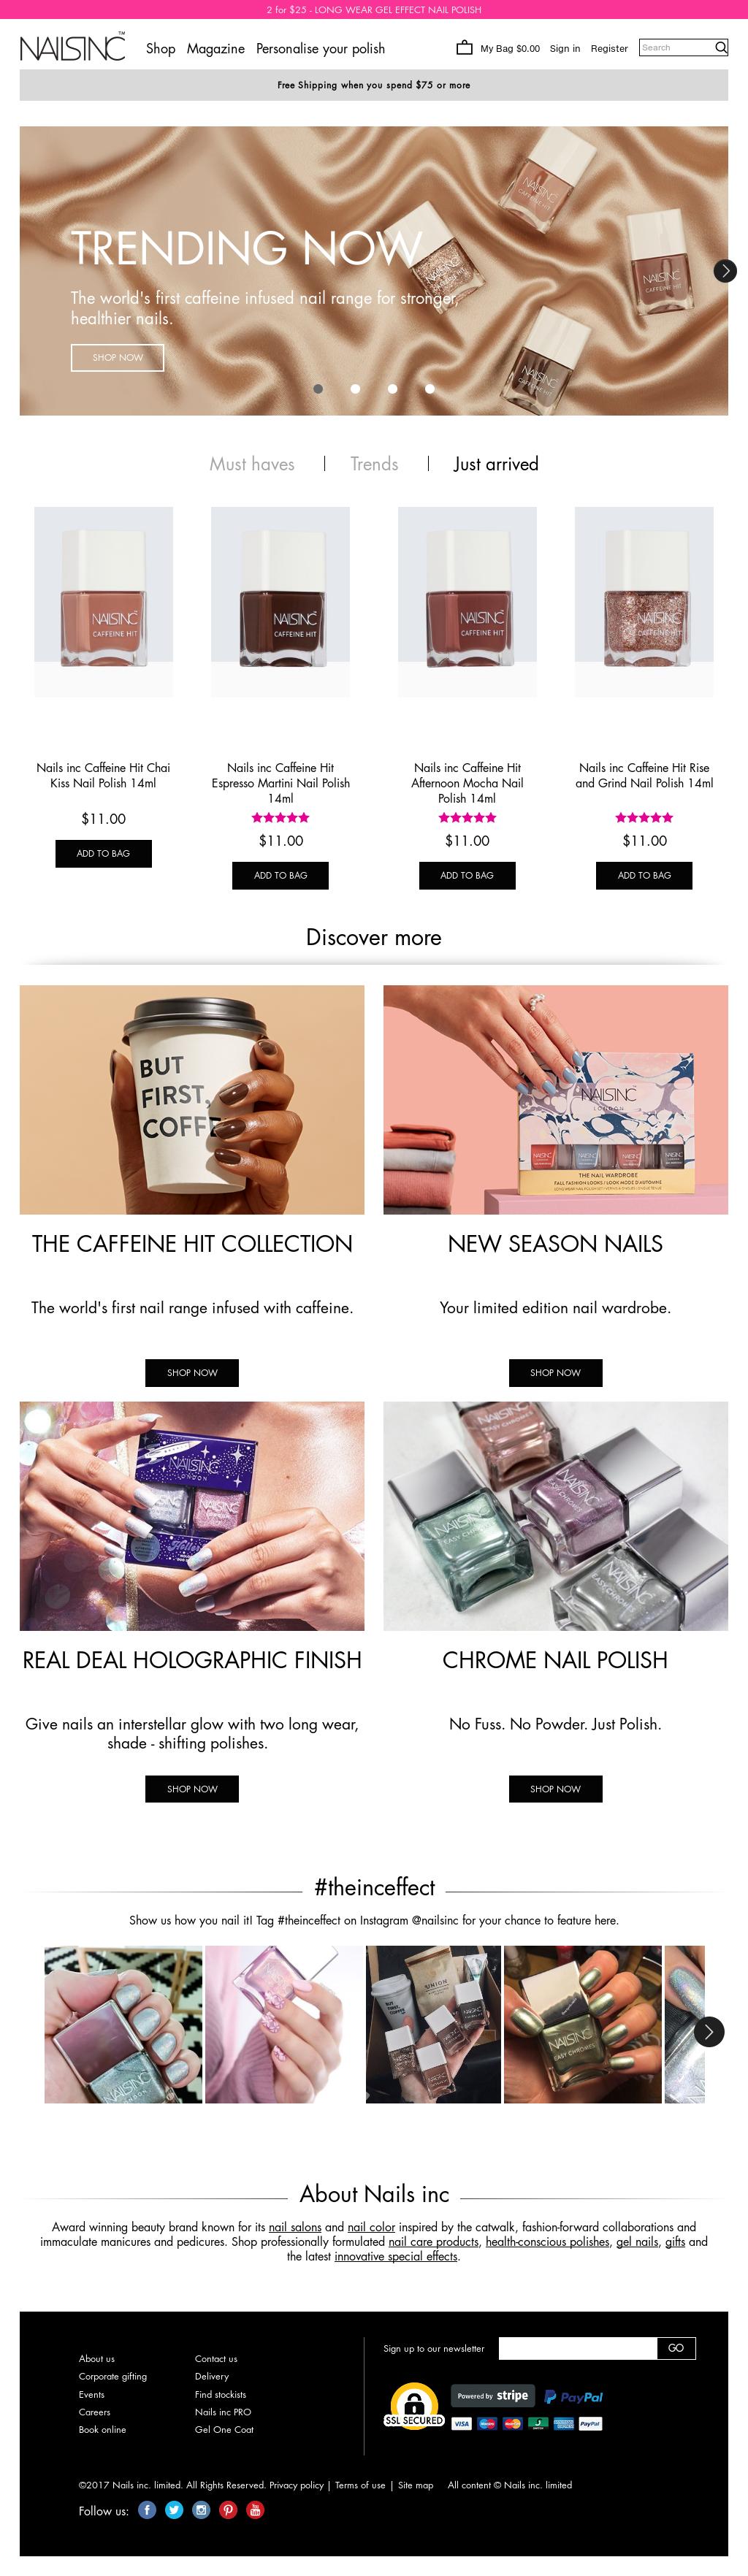 Nail Inc Paint Can Revenue